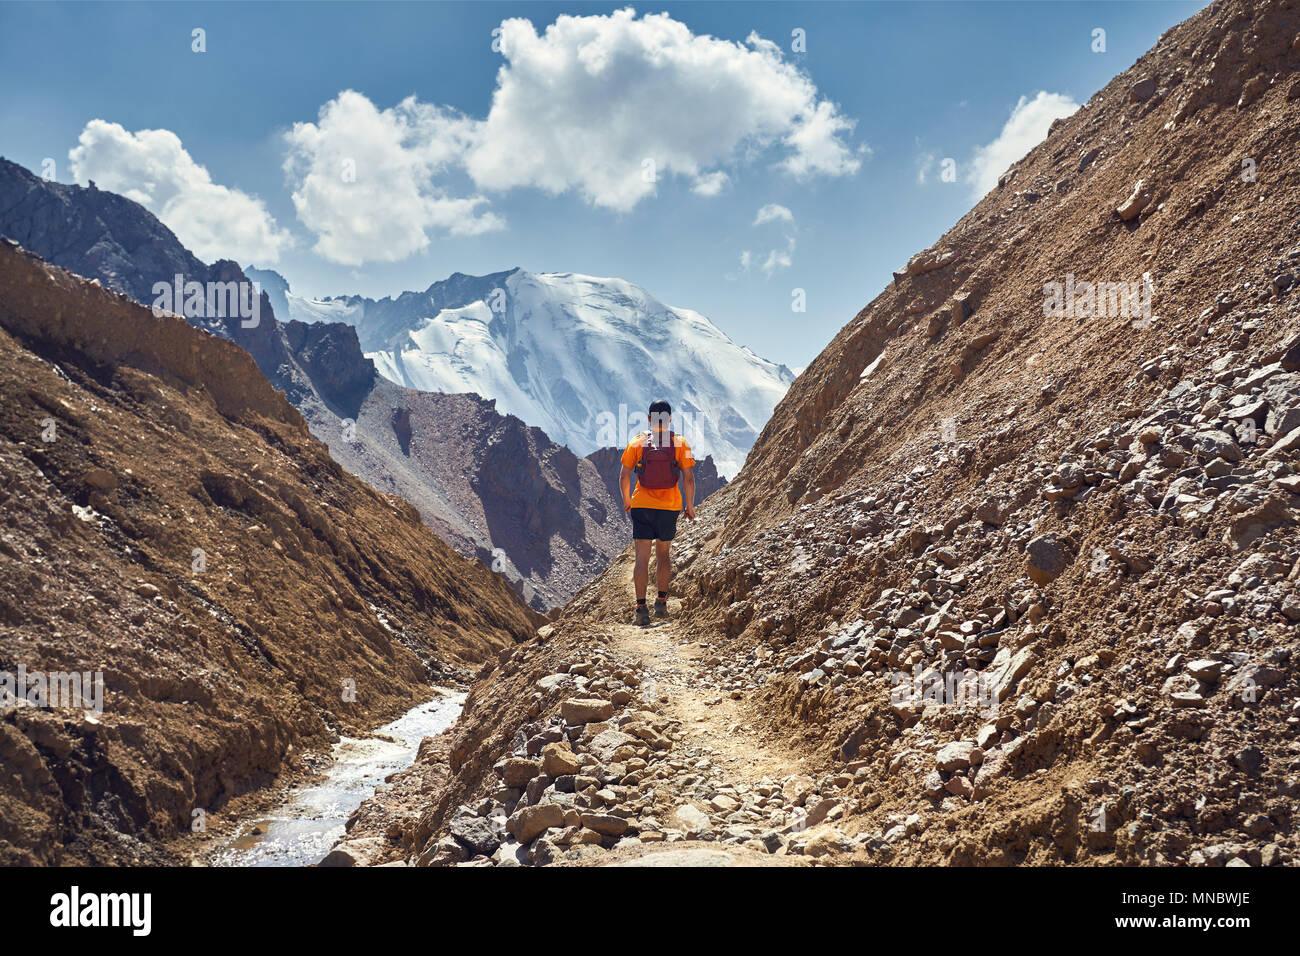 Escursionista in maglietta arancione con zaino camminando sul sentiero con vertice nevoso a sfondo Immagini Stock